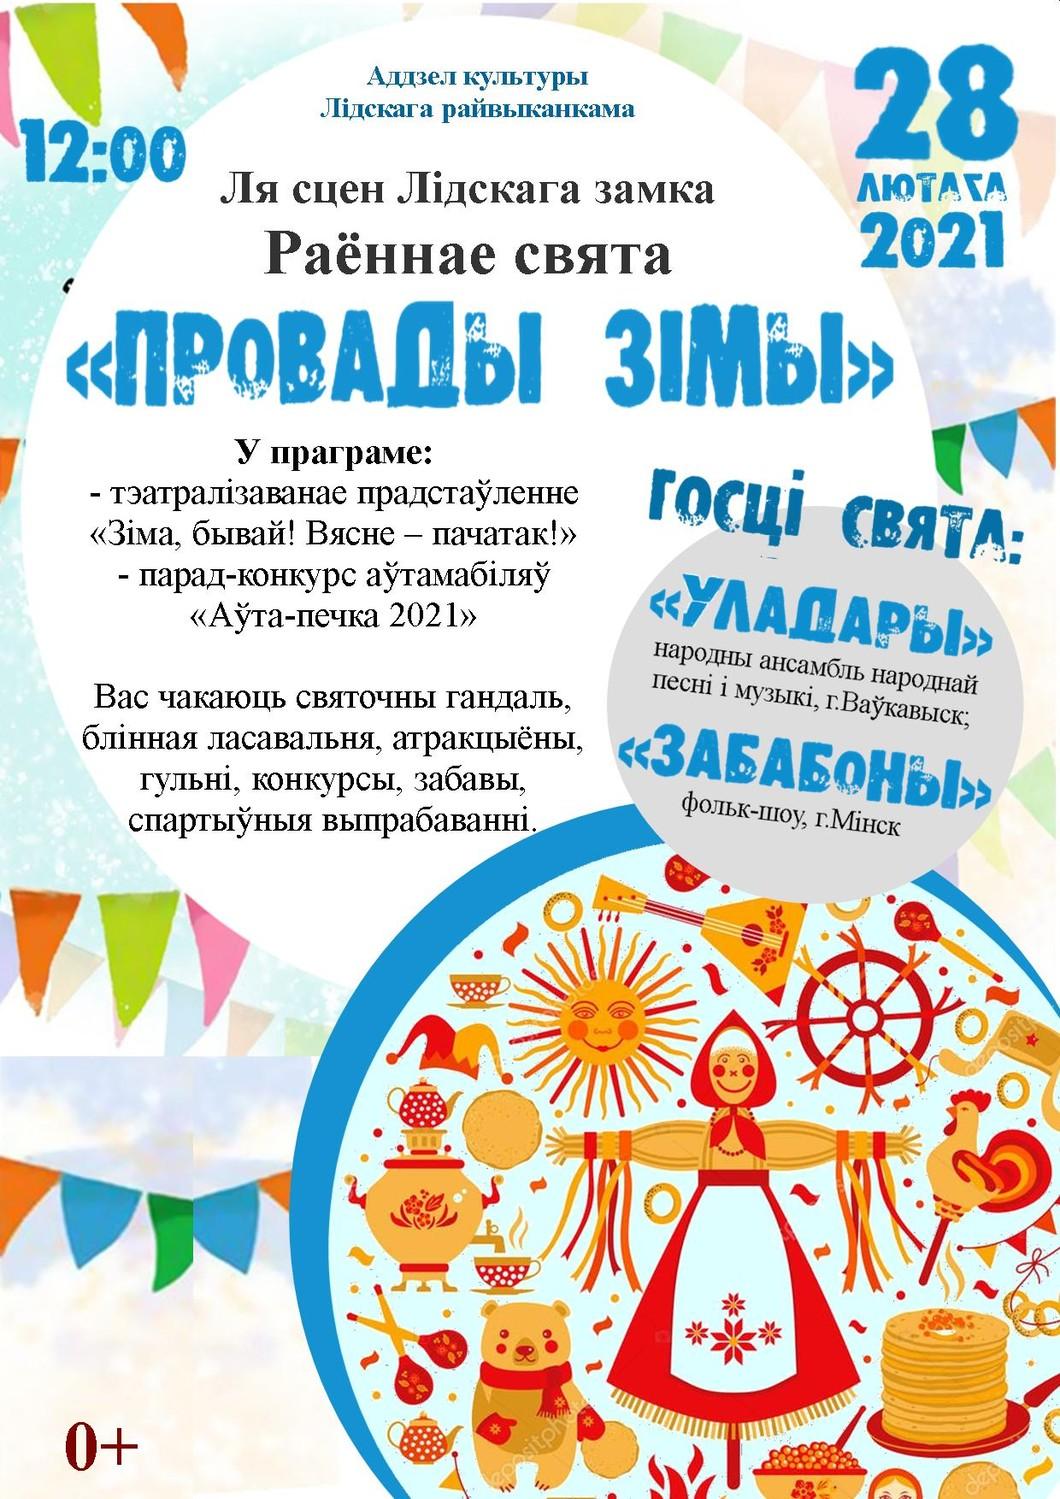 Районный праздник «Проводы зимы» состоится 28 февраля у Лидского замка